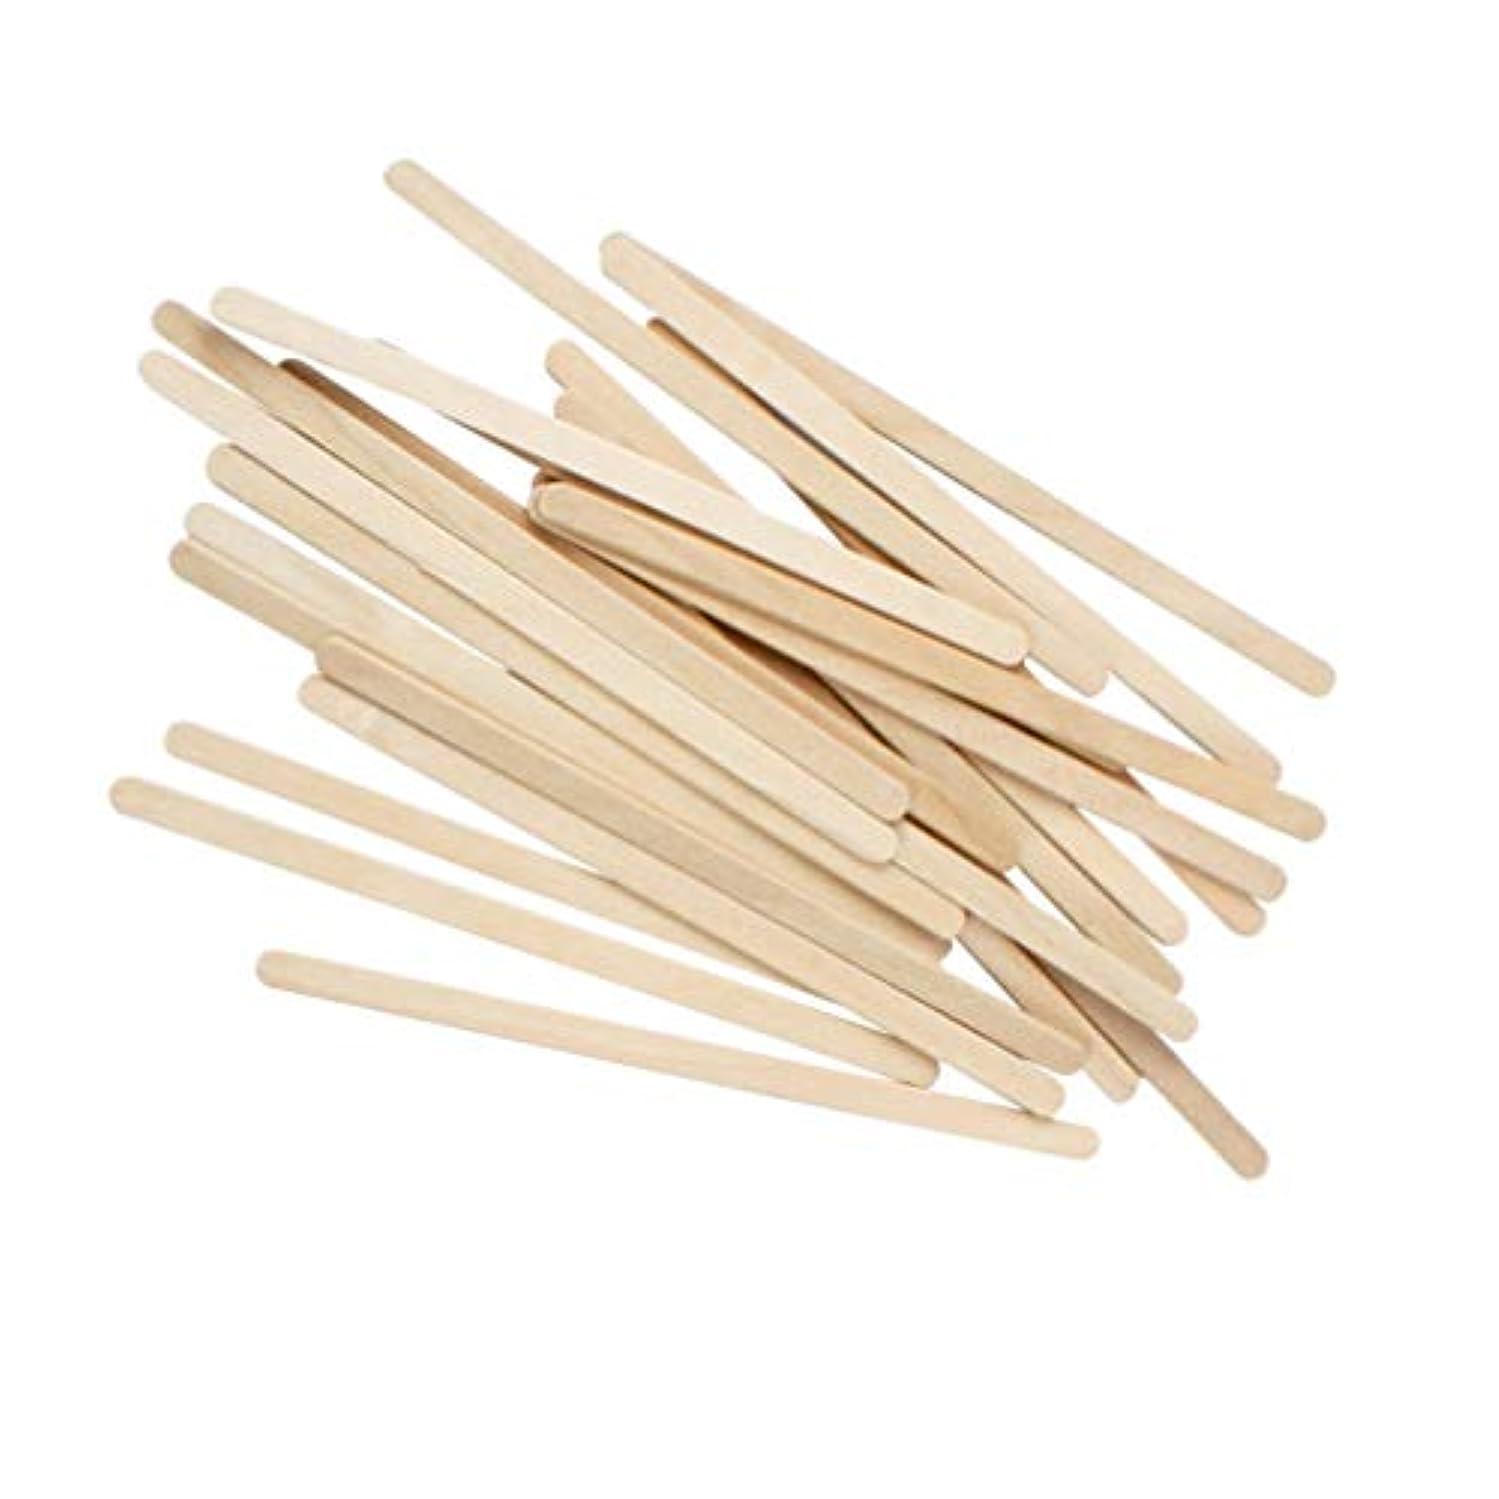 劇的負供給Healifty 100ピース木製ワックススティック木製ワックスヘラ脱毛眉ワックスアプリケータースティック